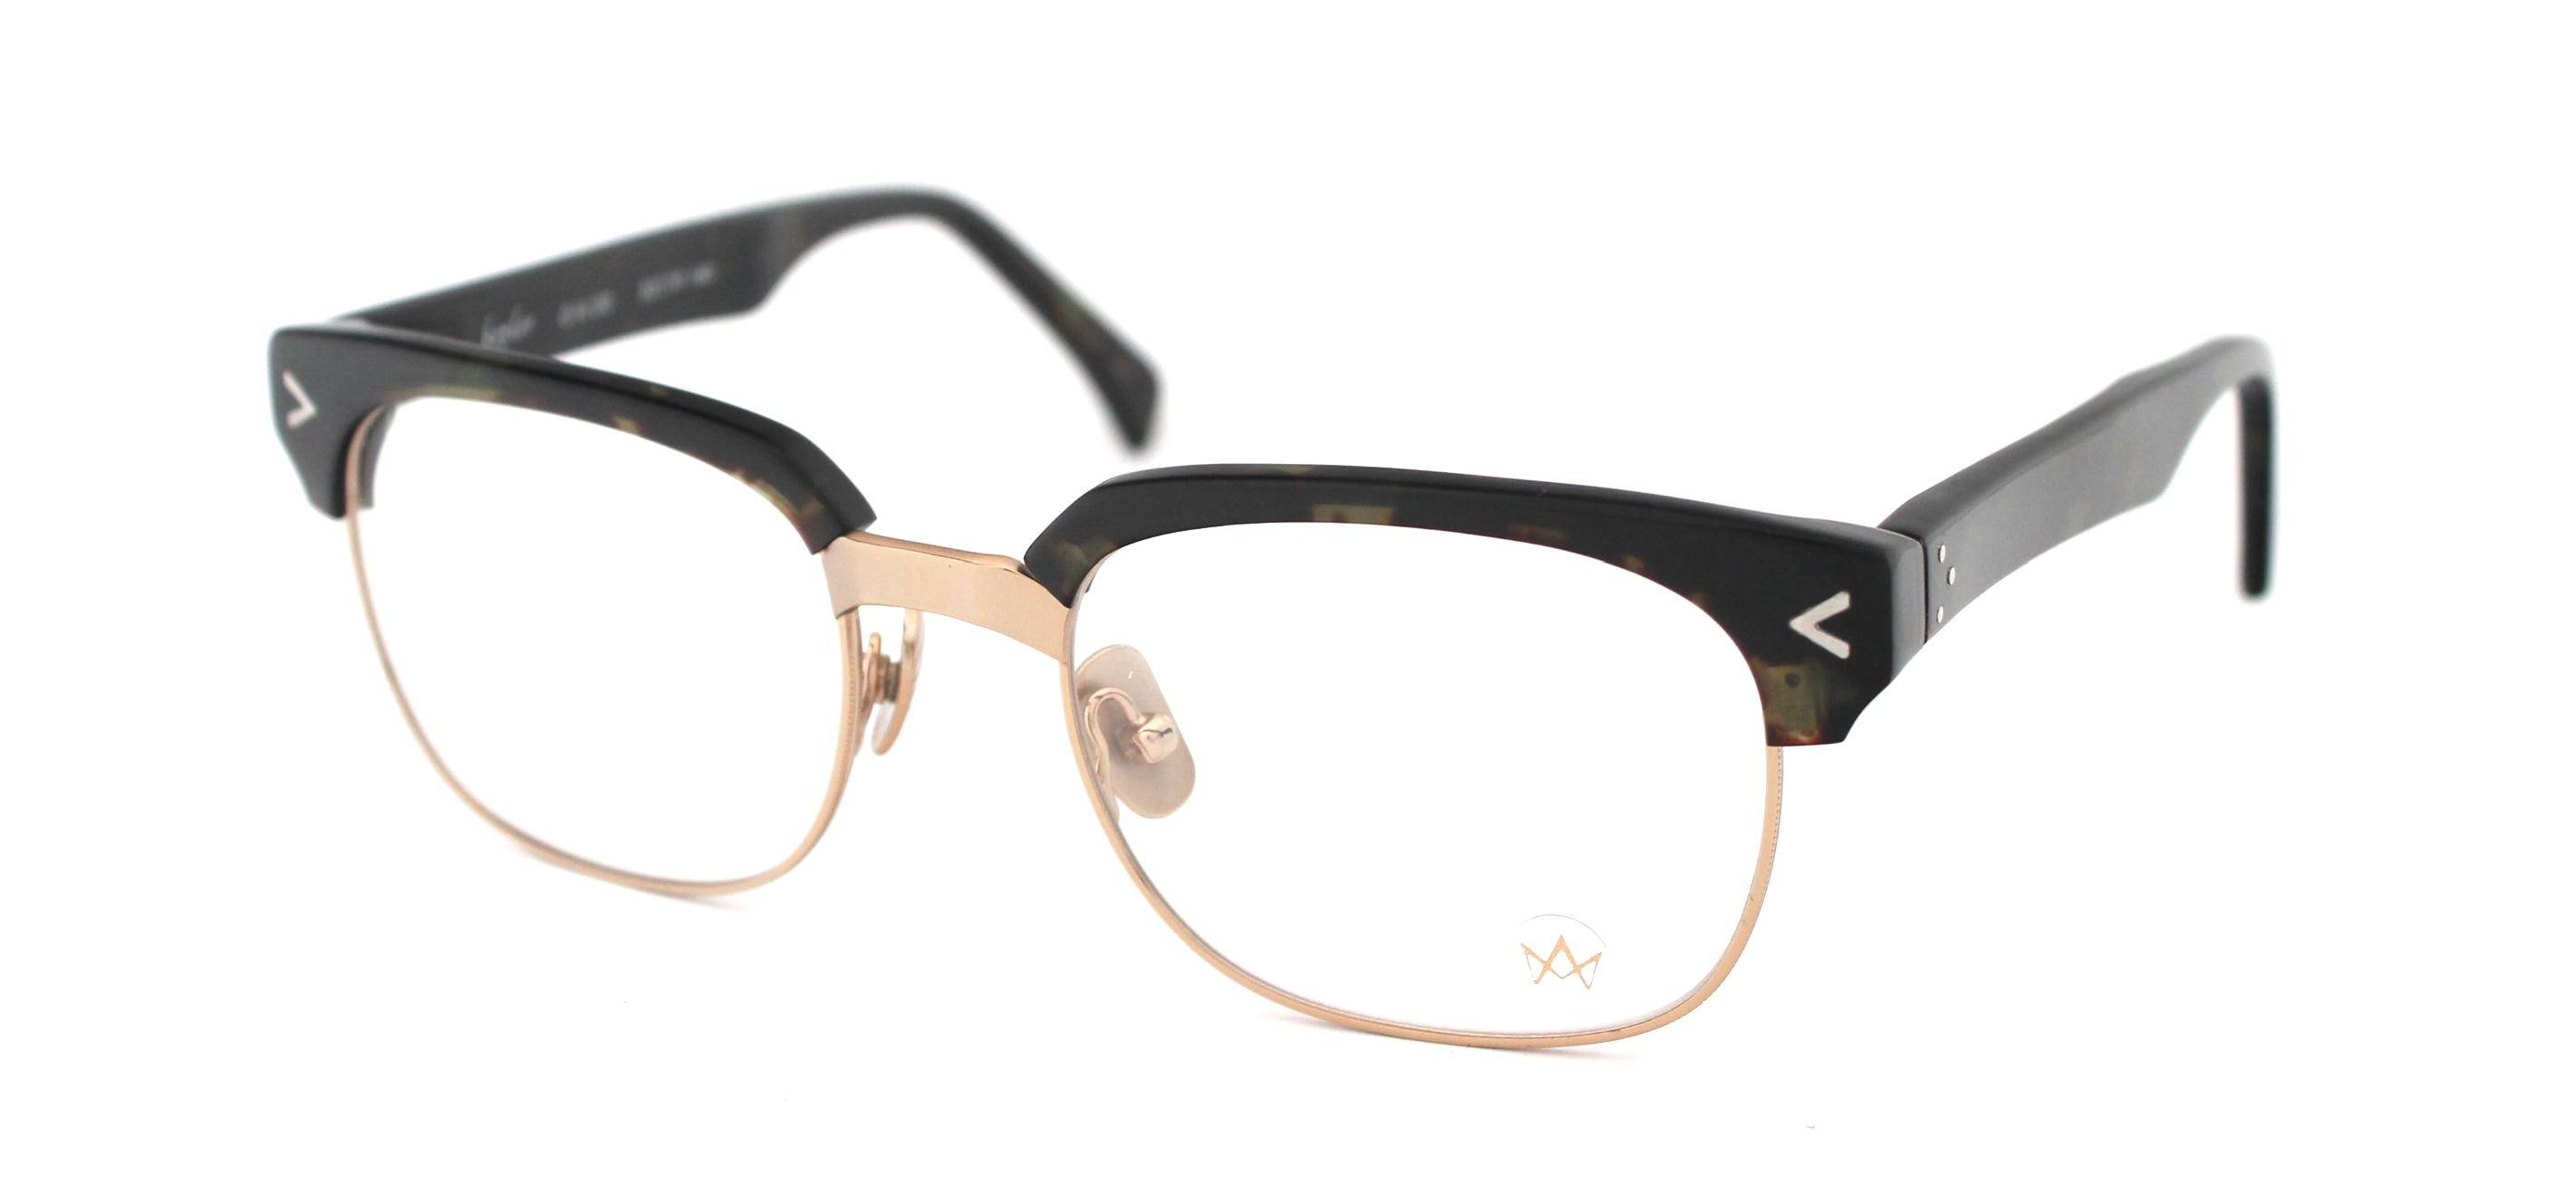 am eyewear kepler 010 dd rx optica caribou